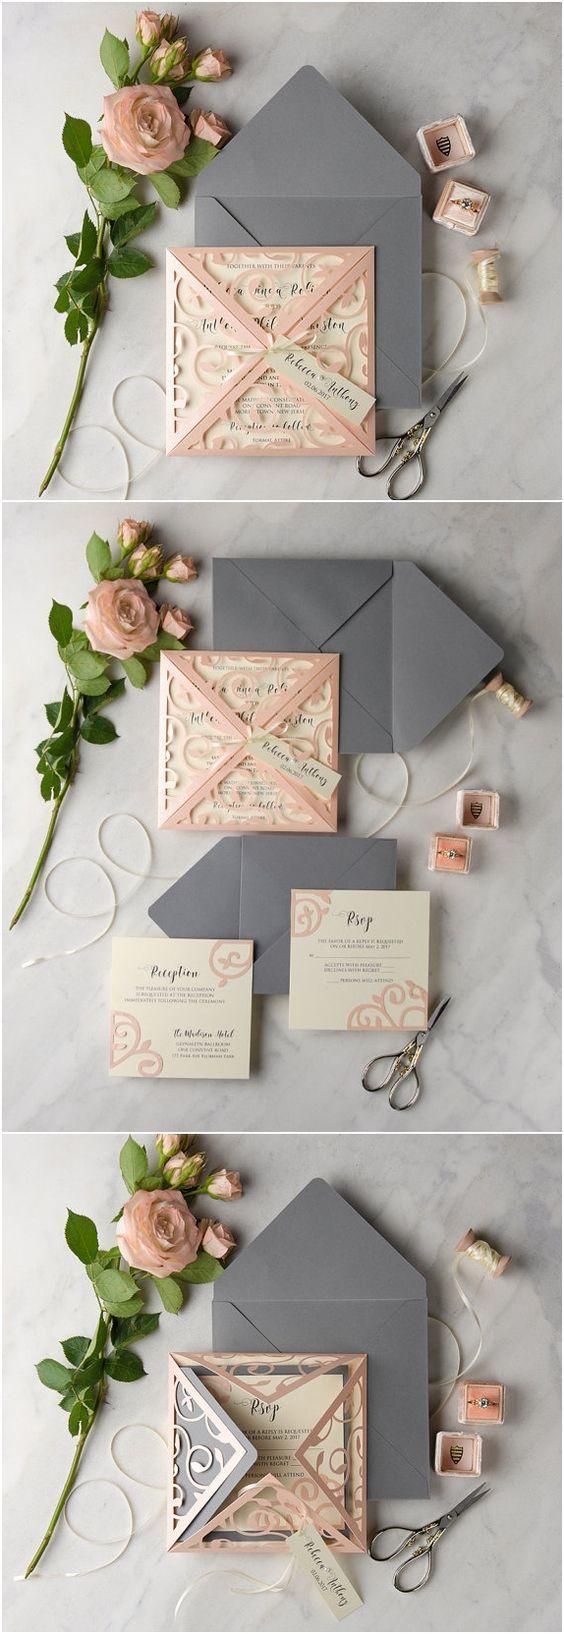 Ultimas Tendencias en Invitaciones para Bodas. La primera imagen que tendrán los invitados acerca de cómo podría ser tu boda es por medio de